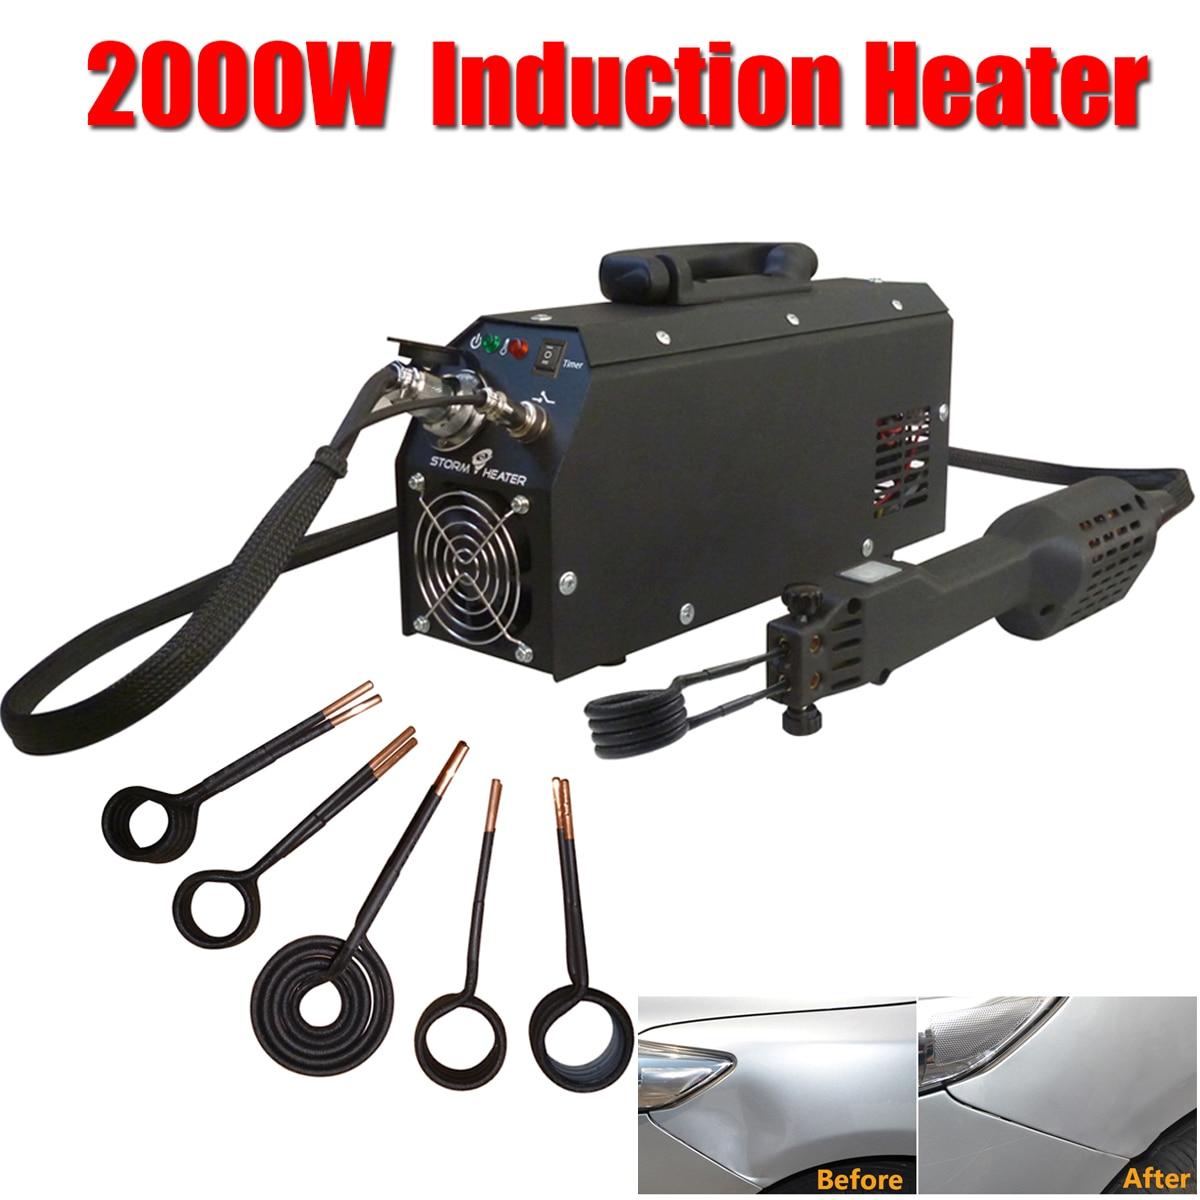 2000 Вт автомобиля удаления вмятин автоинструмент индукционный нагреватель ремонт машин инструмент Paintless инструмент для удаления для ремонт...